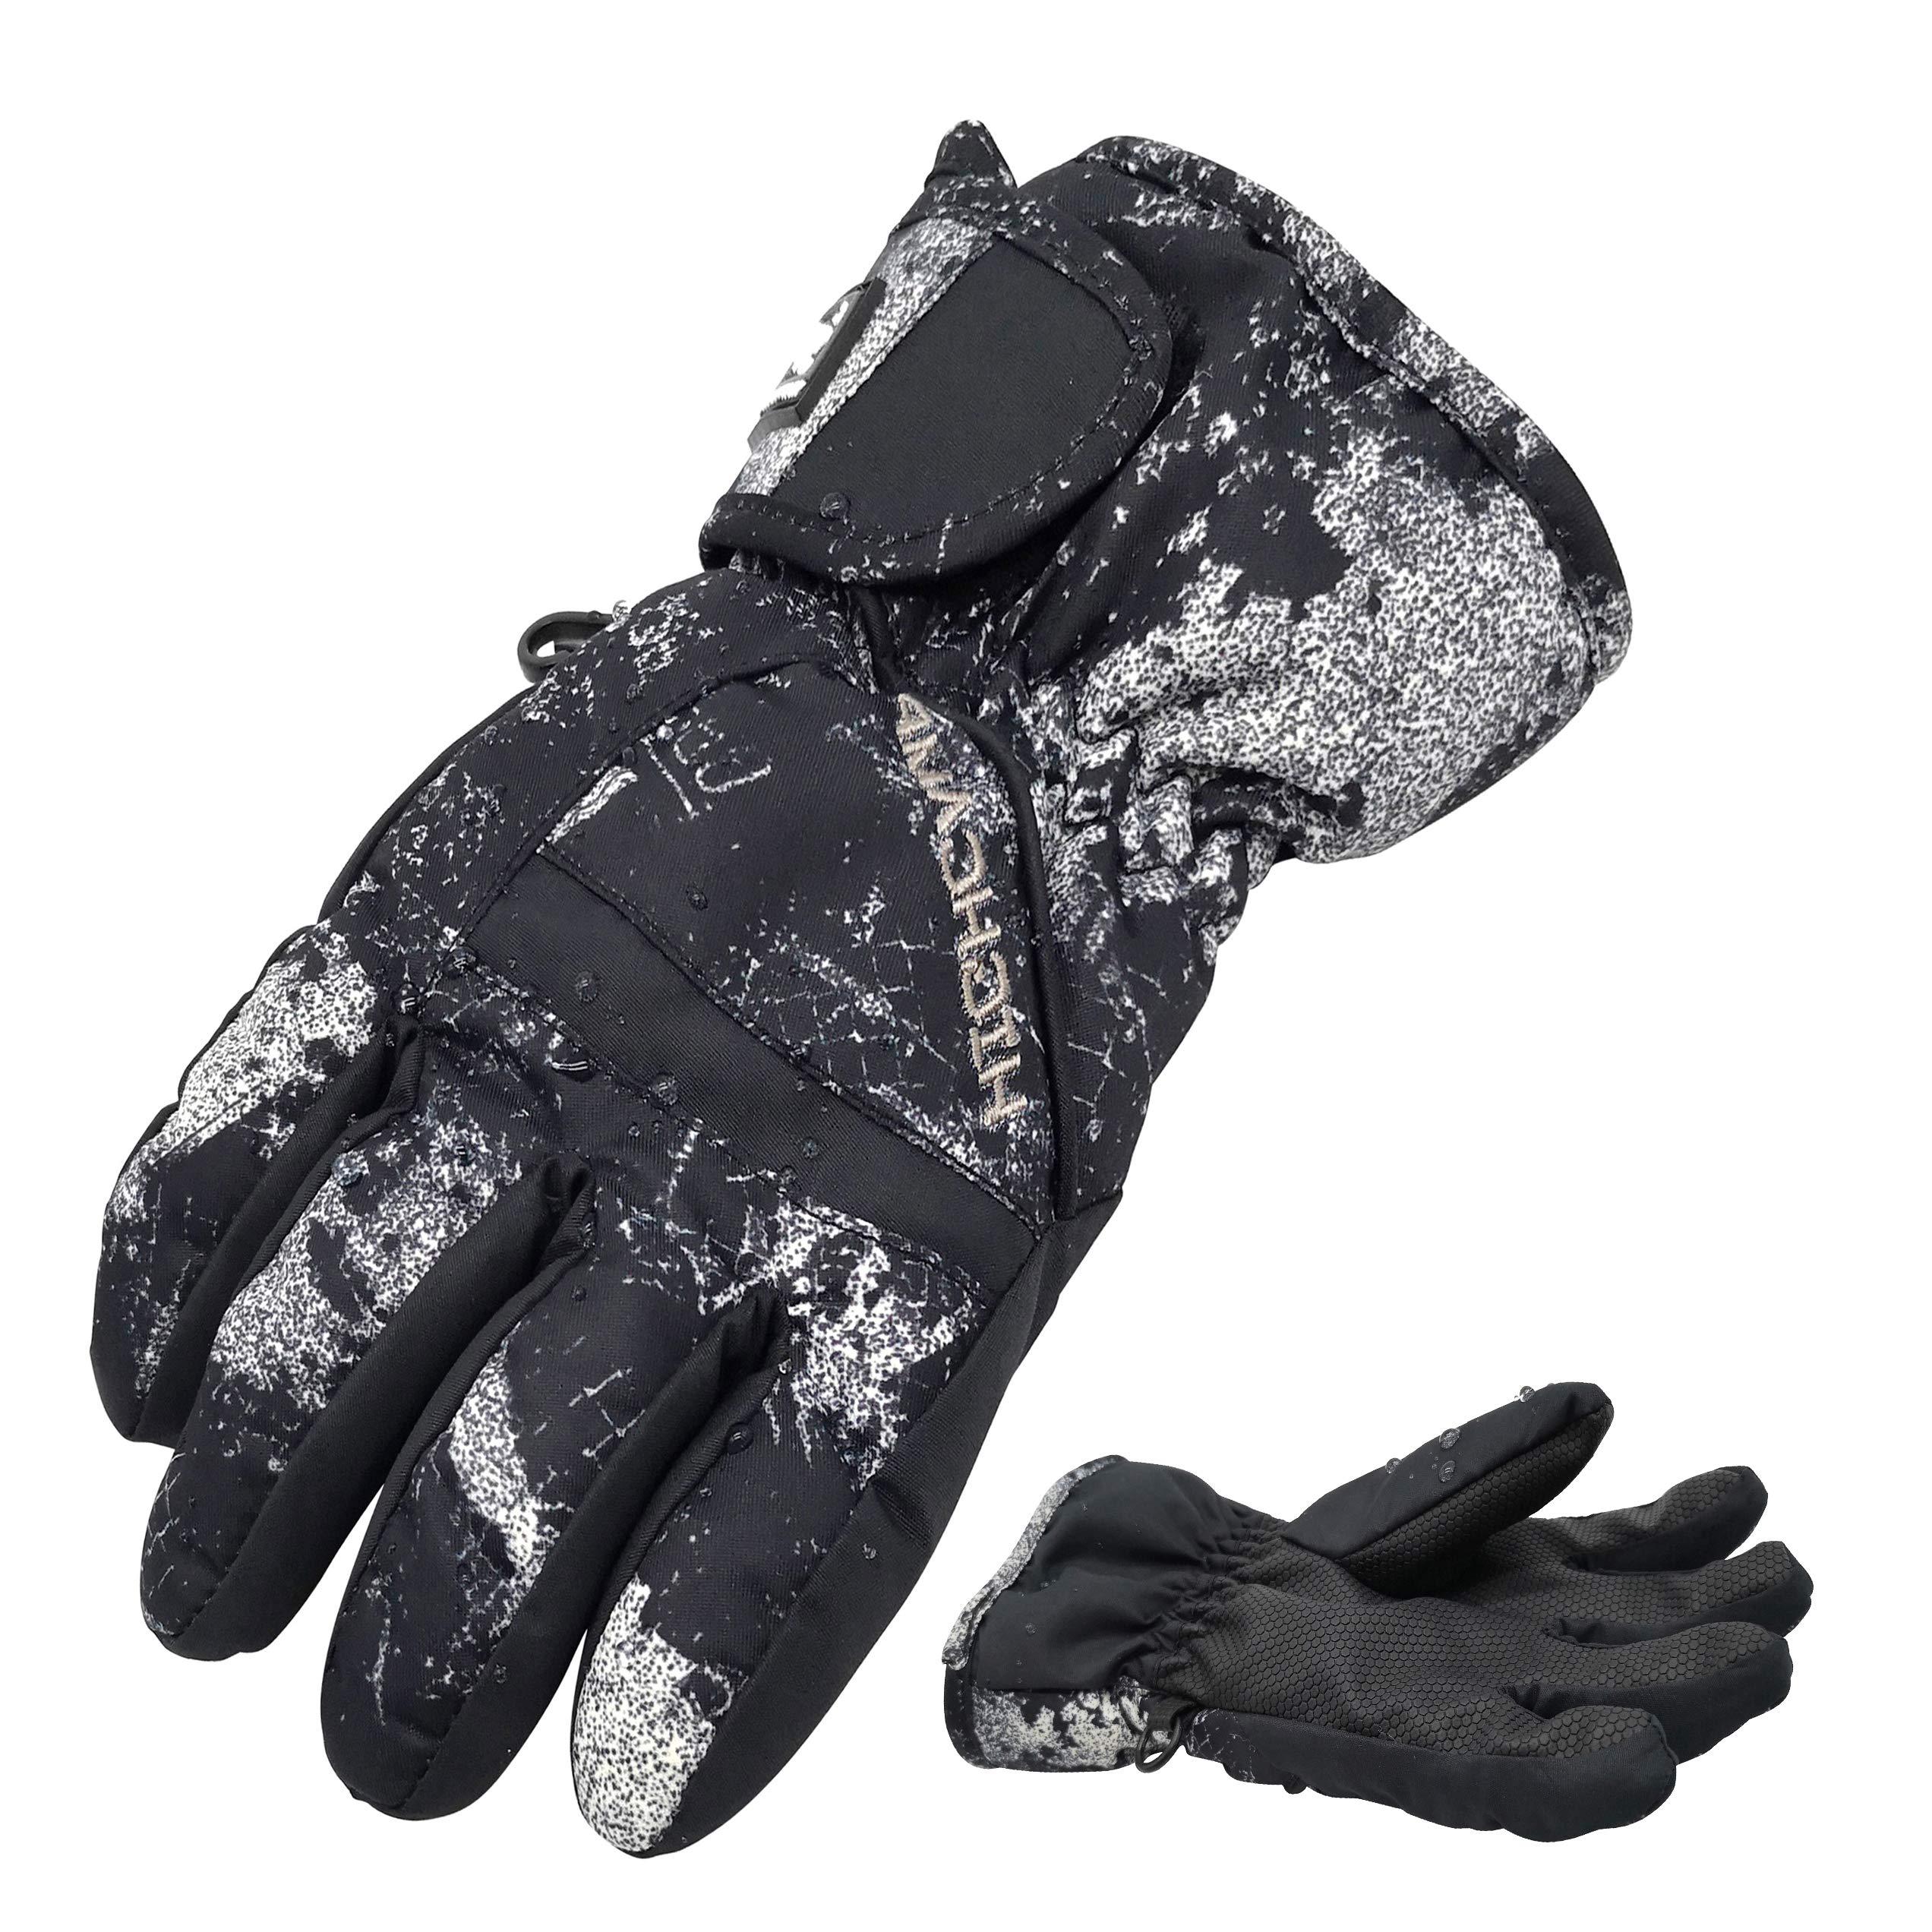 Highcamp Kids Boy Girl Waterproof Ski Snow Gloves Cold Weather Warm Winter Gloves